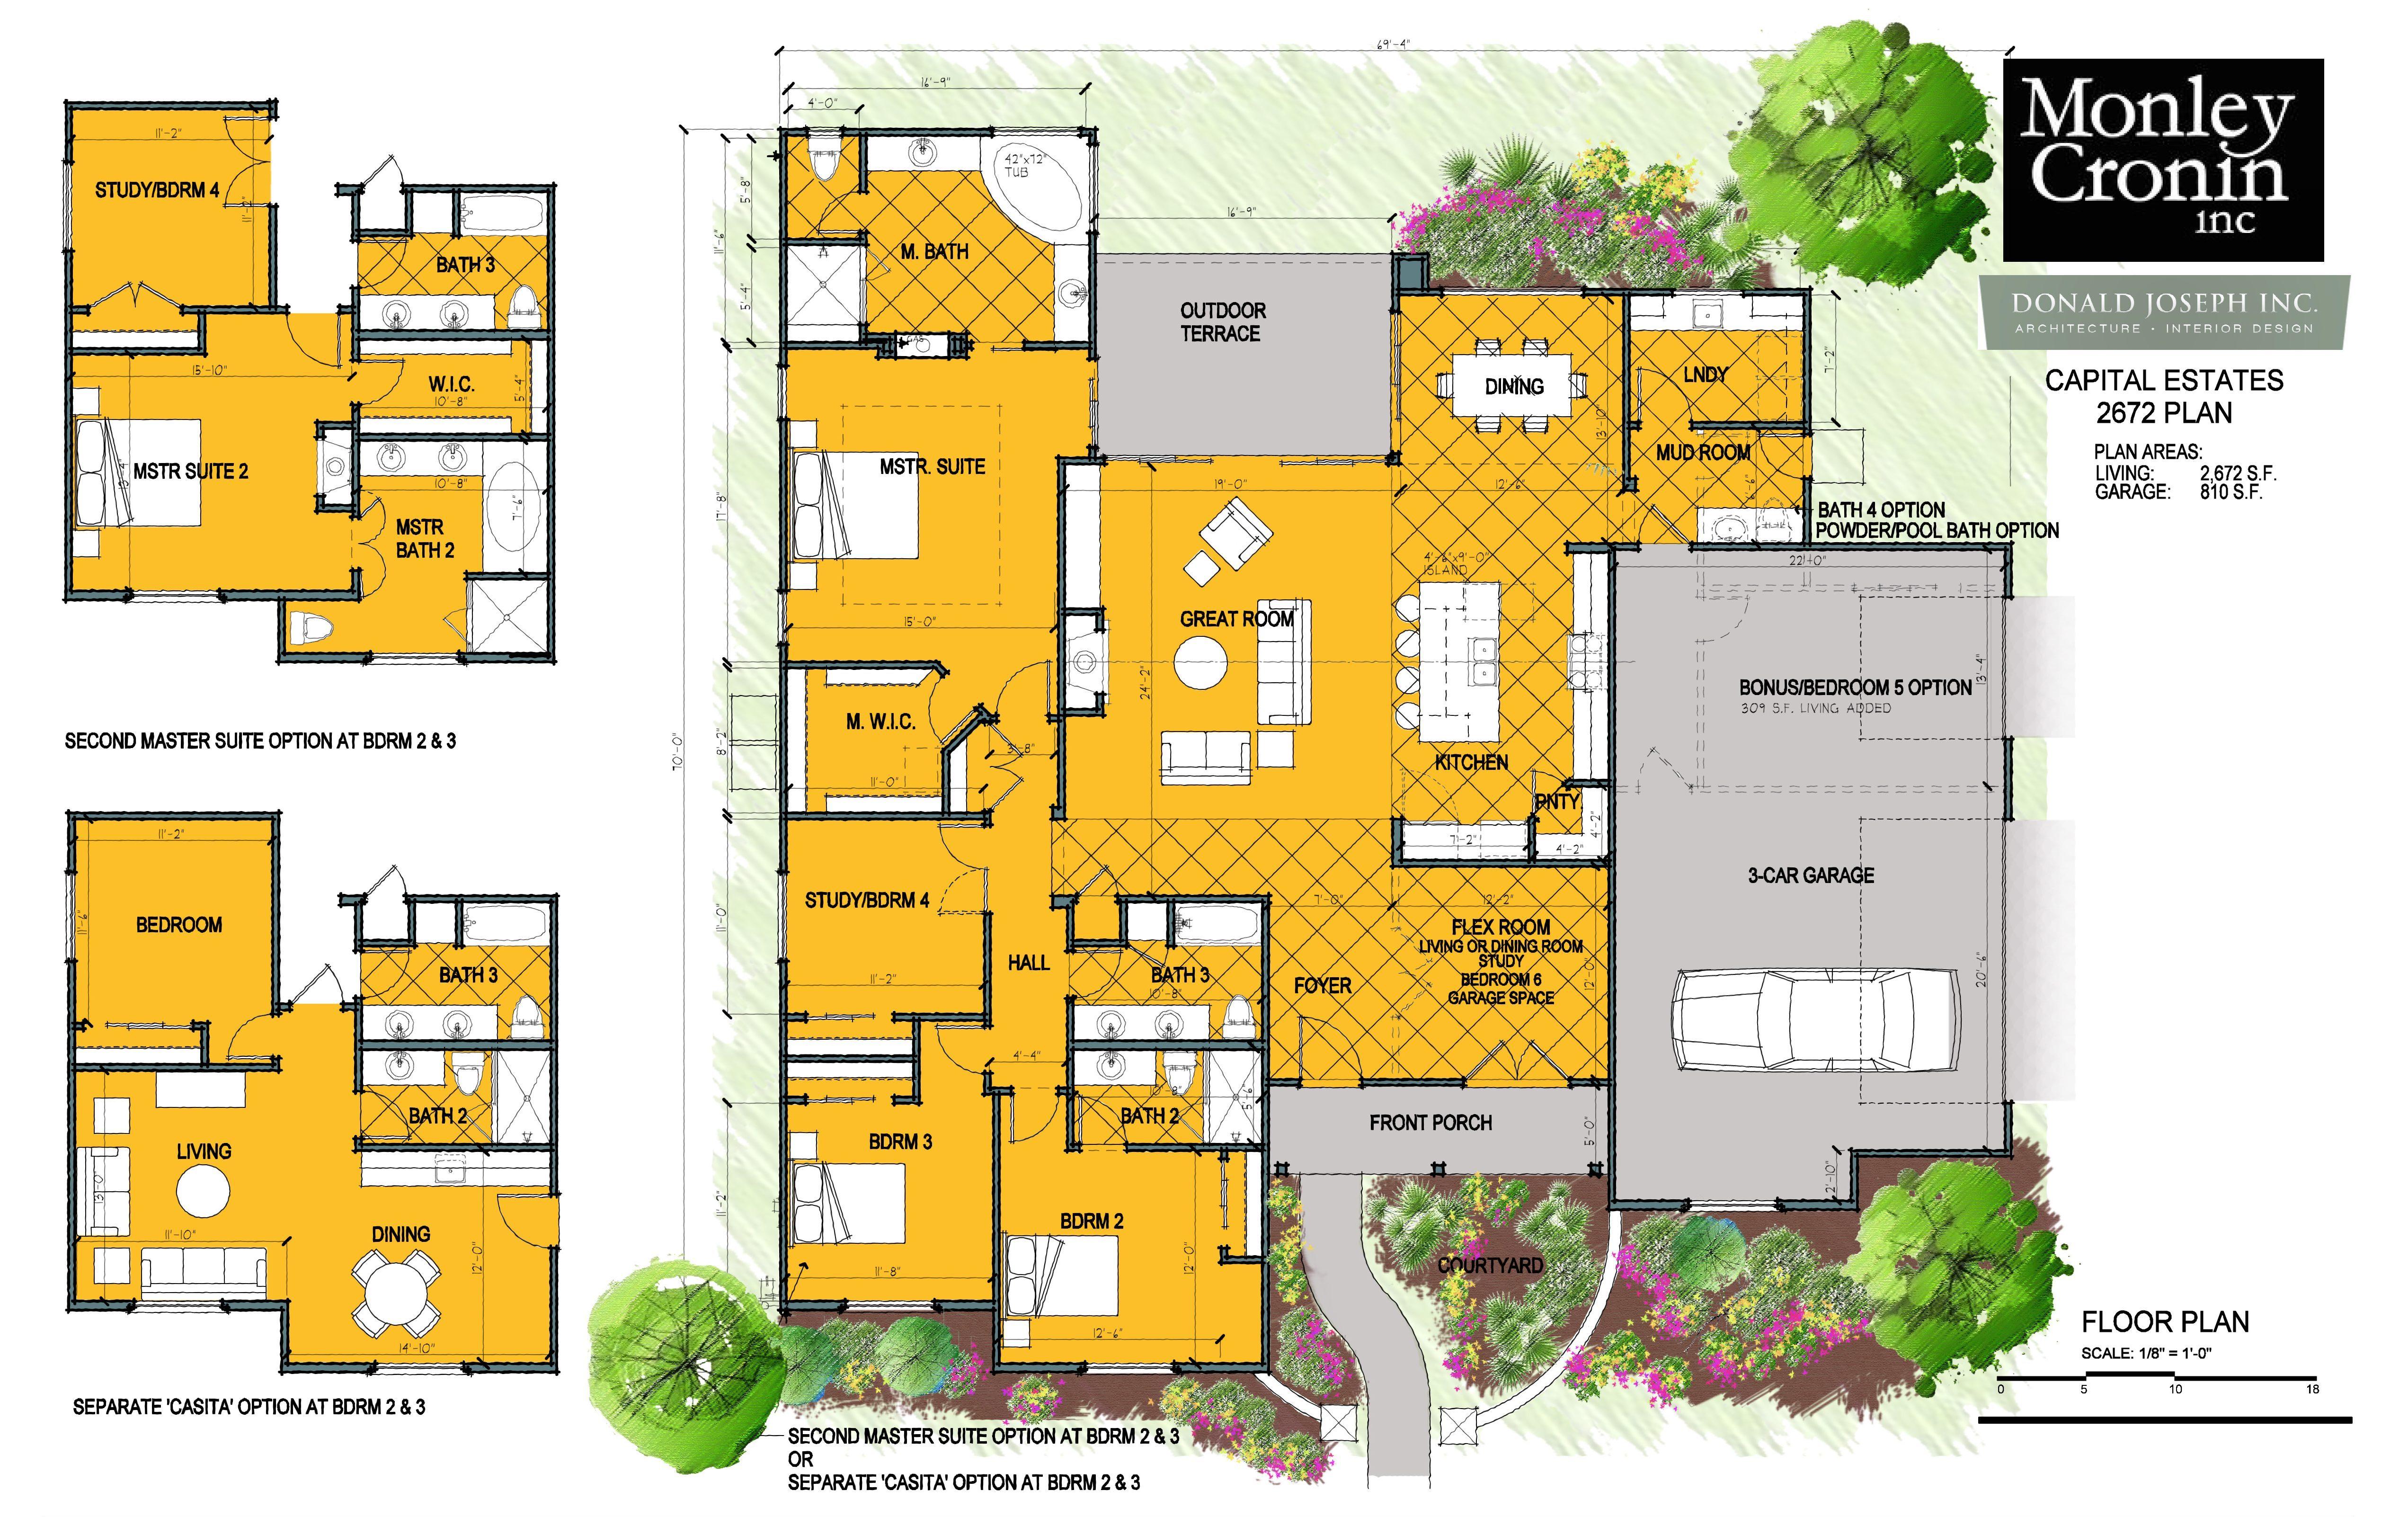 2672-Floor-Plan-4.25.18-e1527279343504